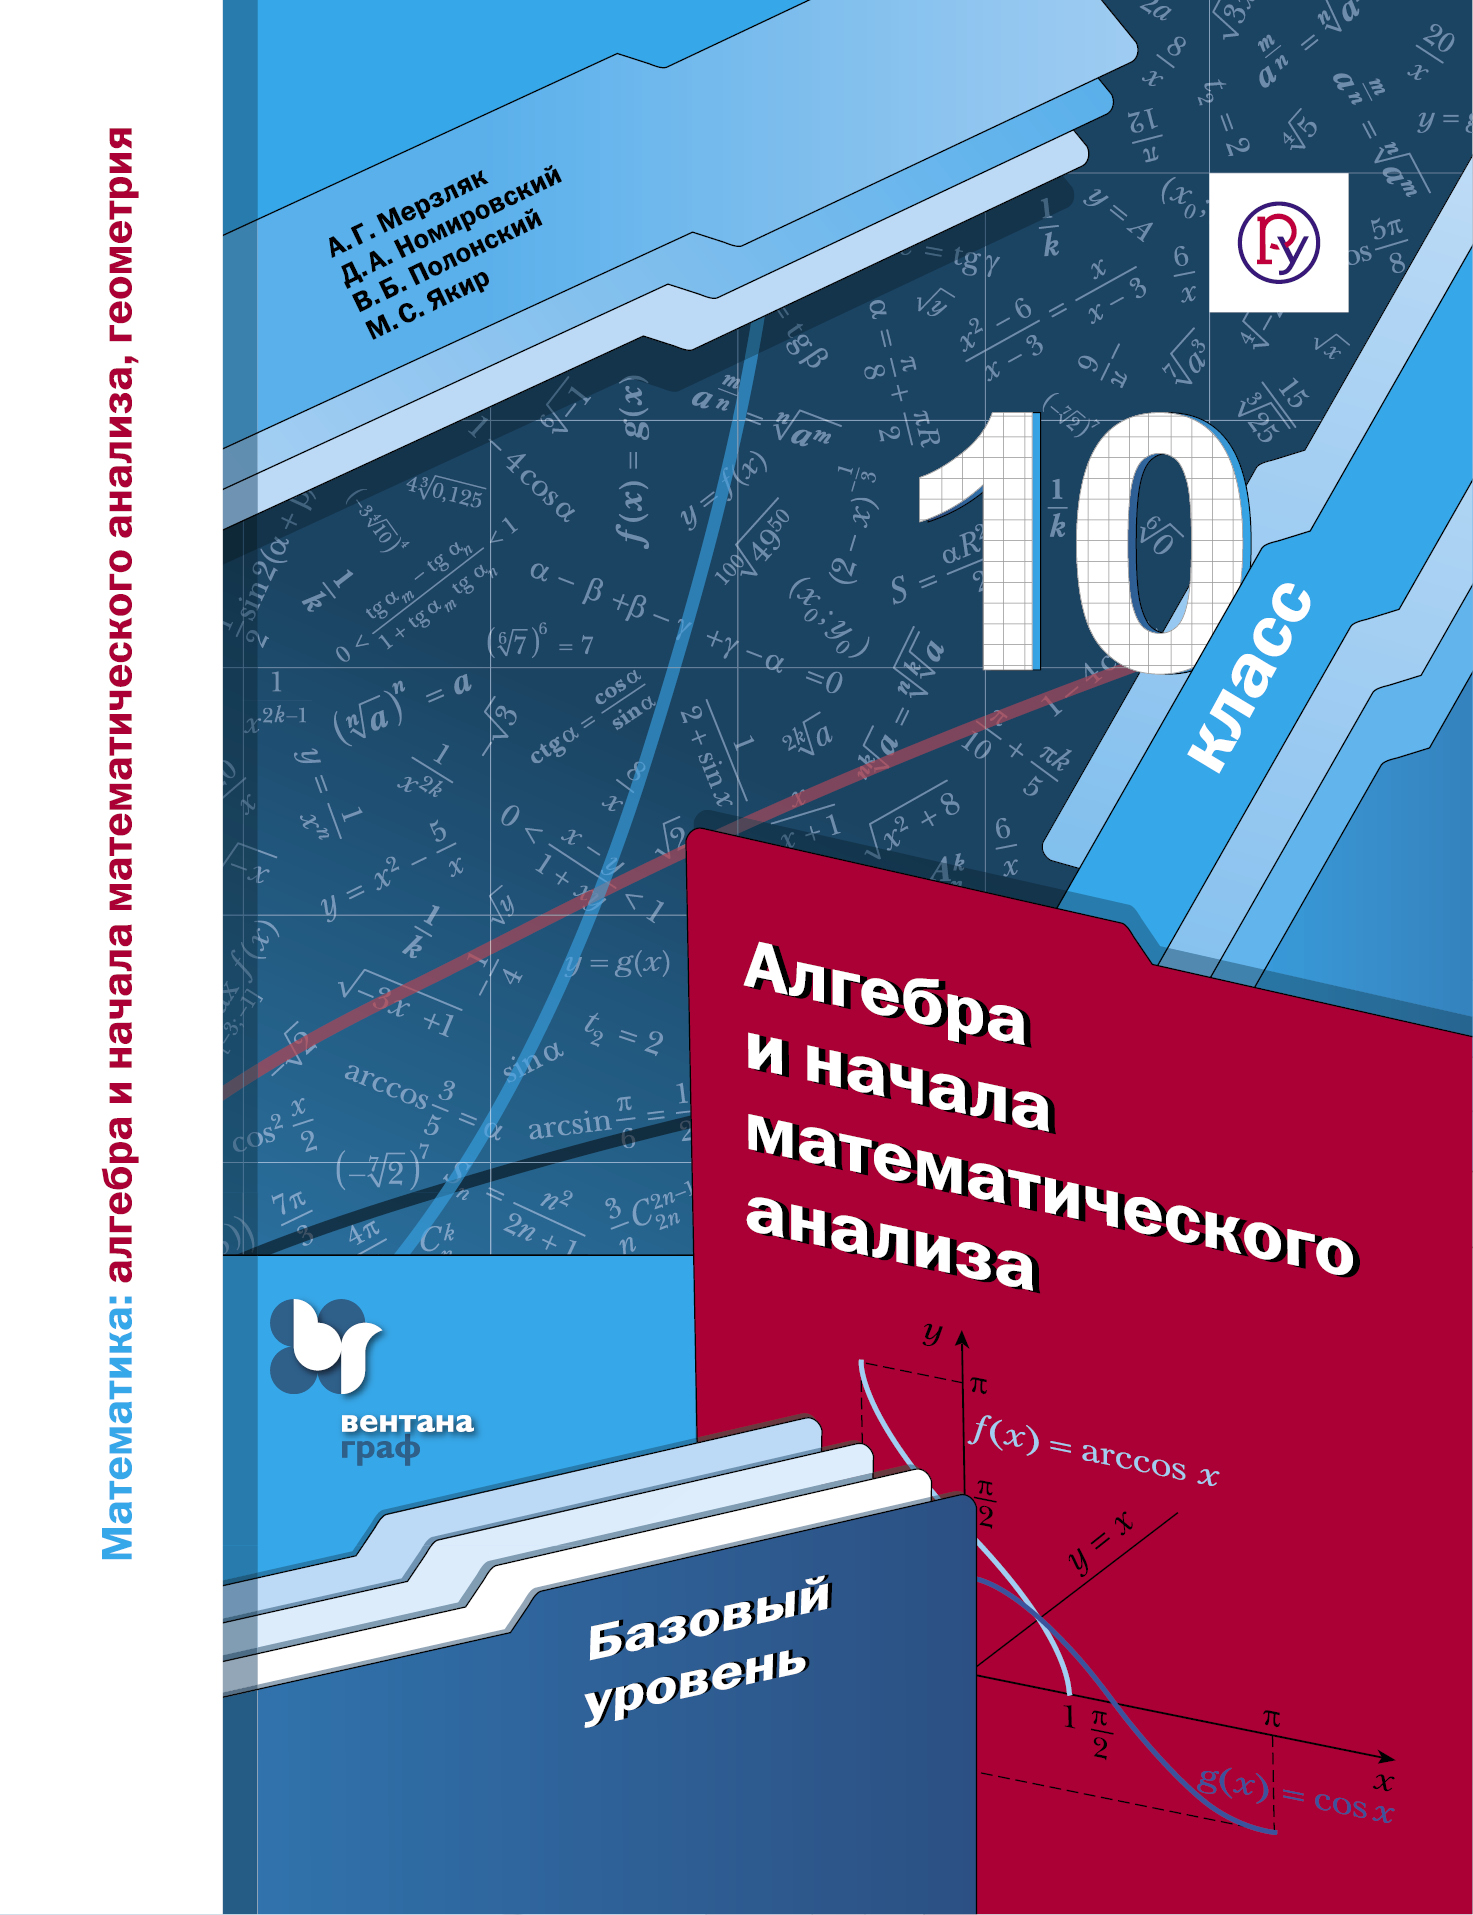 Математика: алгебра и начала математического анализа, геометрия. Алгебра и начала математического анализа. 10 класс. Базовый уровень. Учебное пособие.